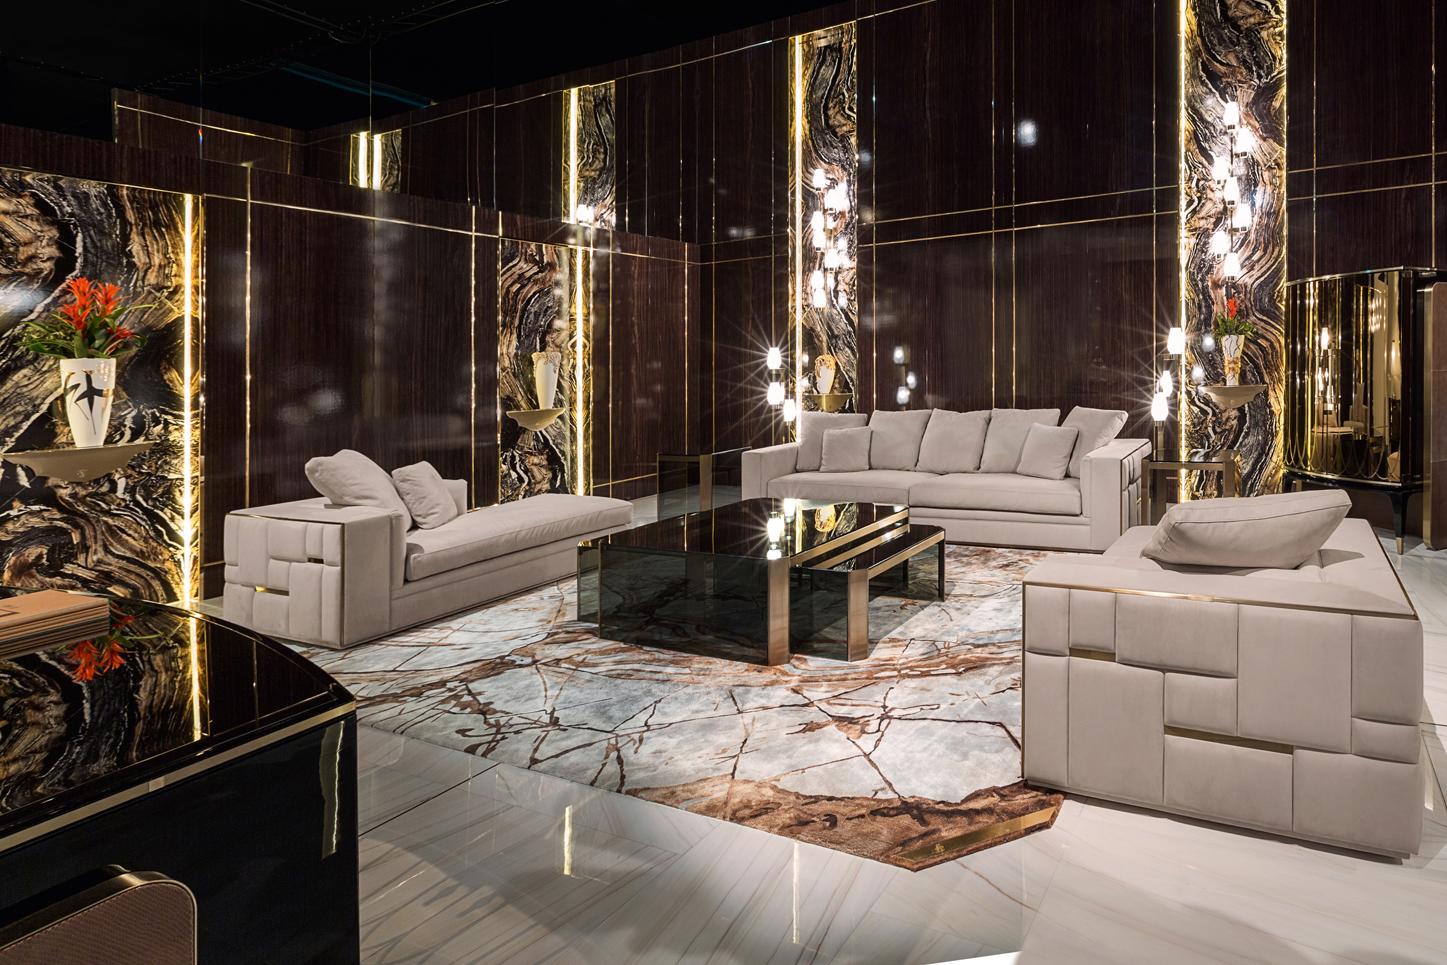 Babylon Livingroom Visionnaire Home Philosophy